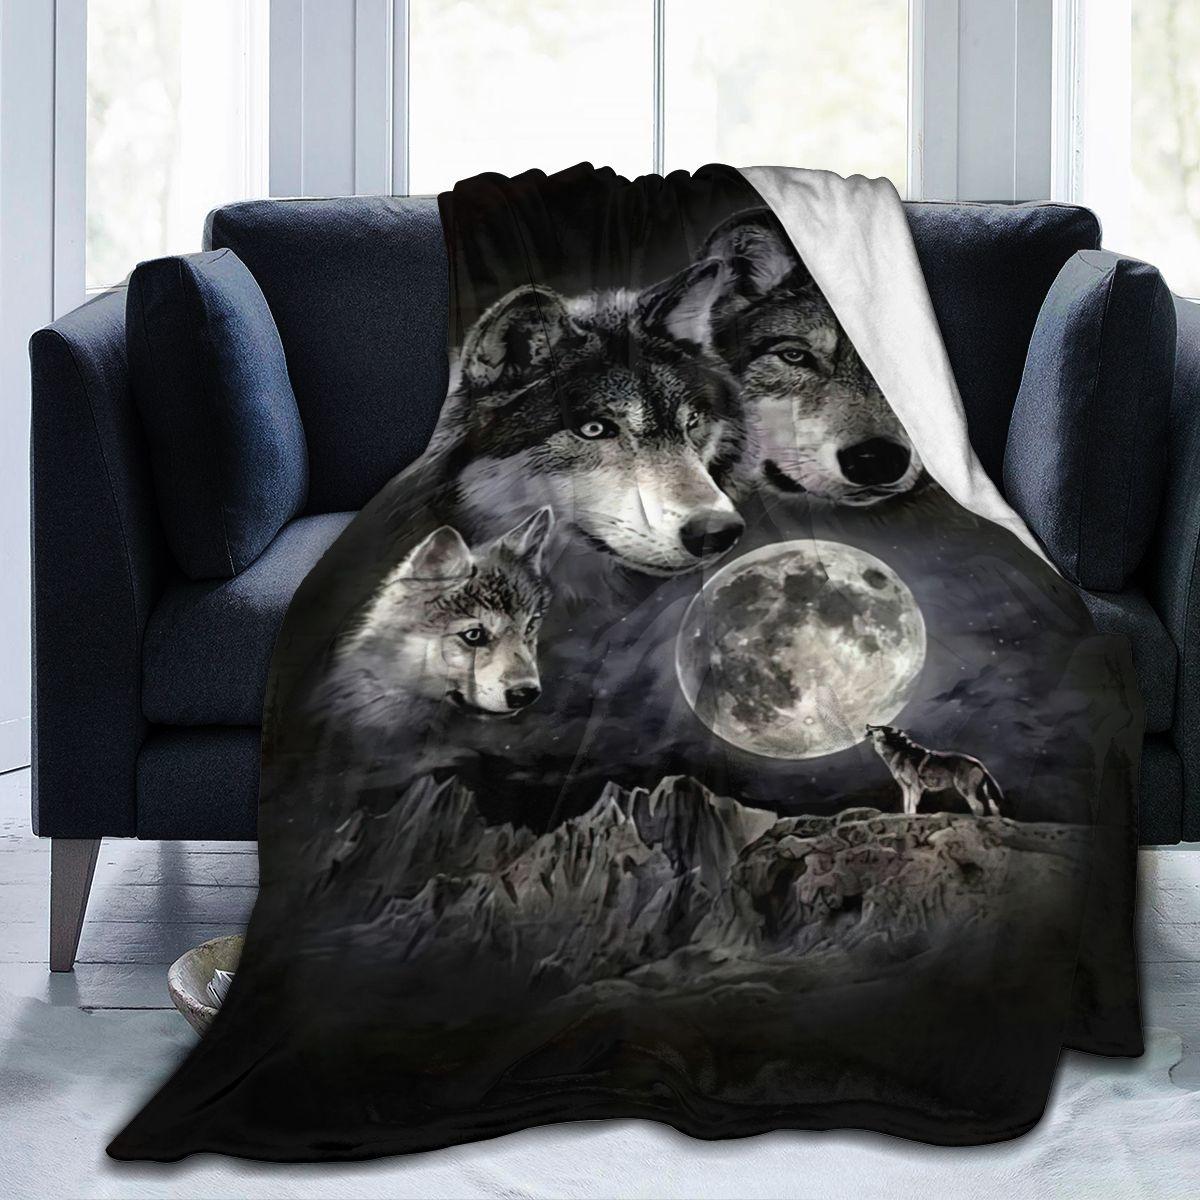 جميل الذئب الكرتون بطانية ناعمة جدا التسامي الكرتون غطاء بطانية الفراش الفانيلا للأطفال و Adults0